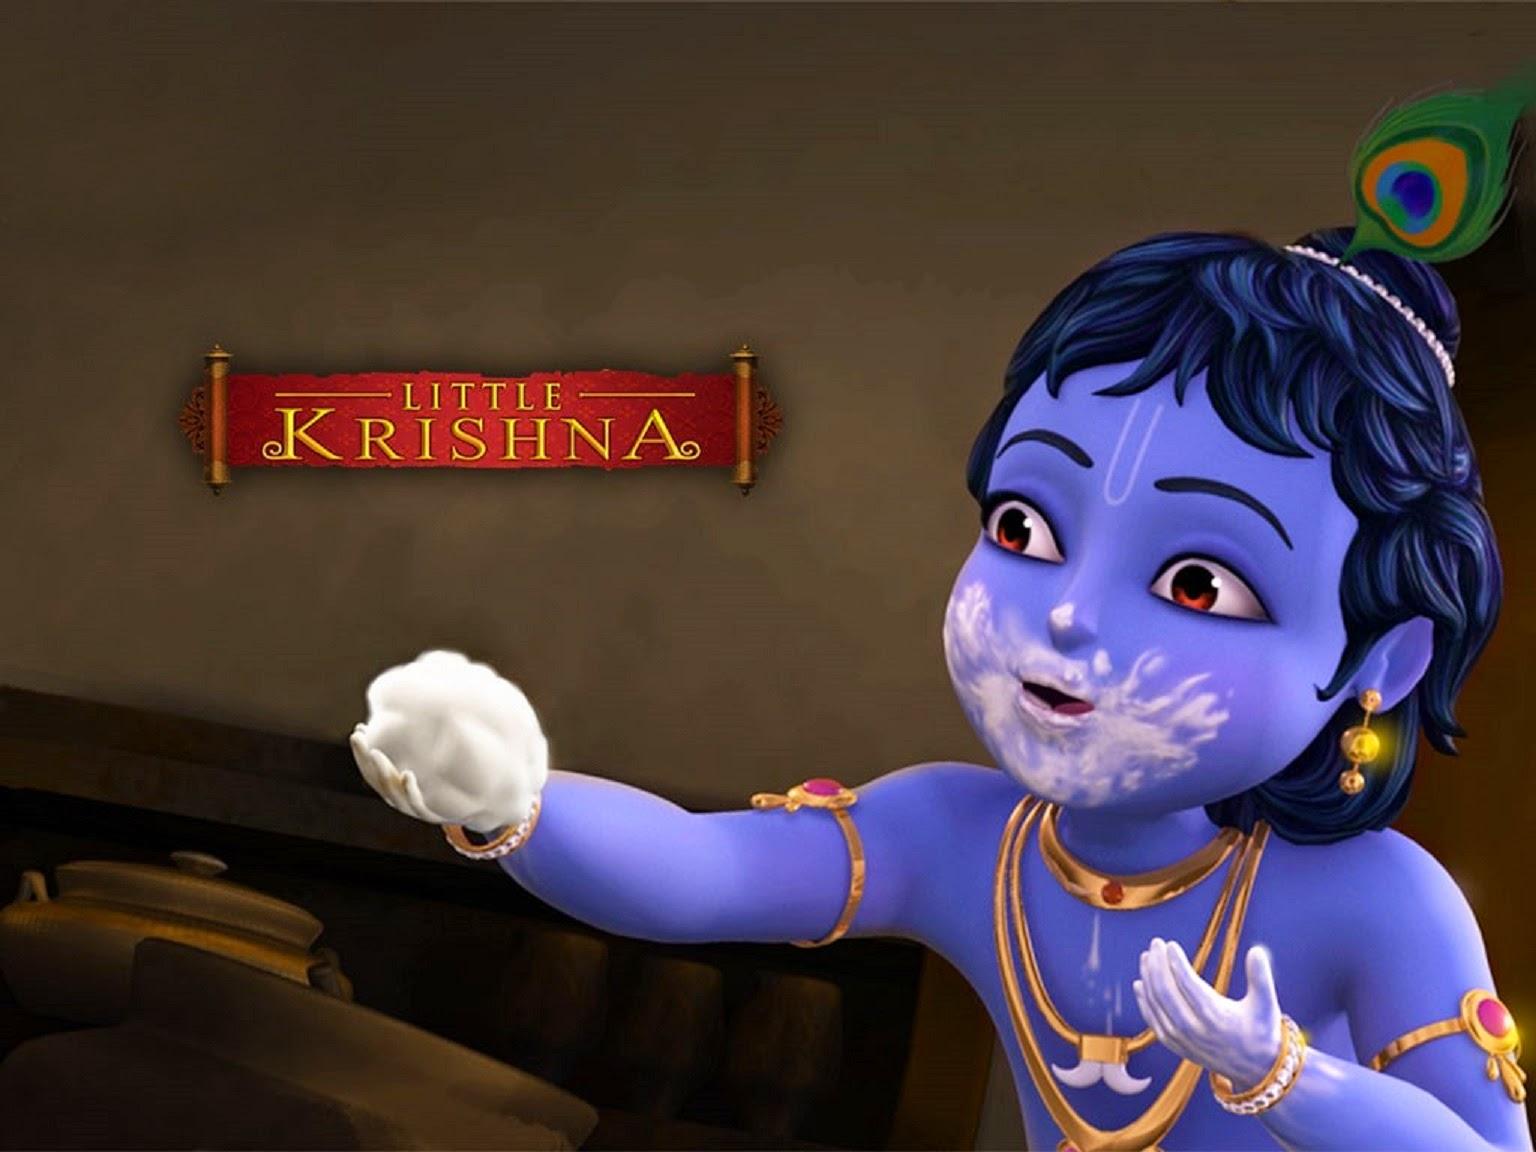 Disney Hd Wallpapers Disney Cartoon Little Krishna Hd Wallpapers